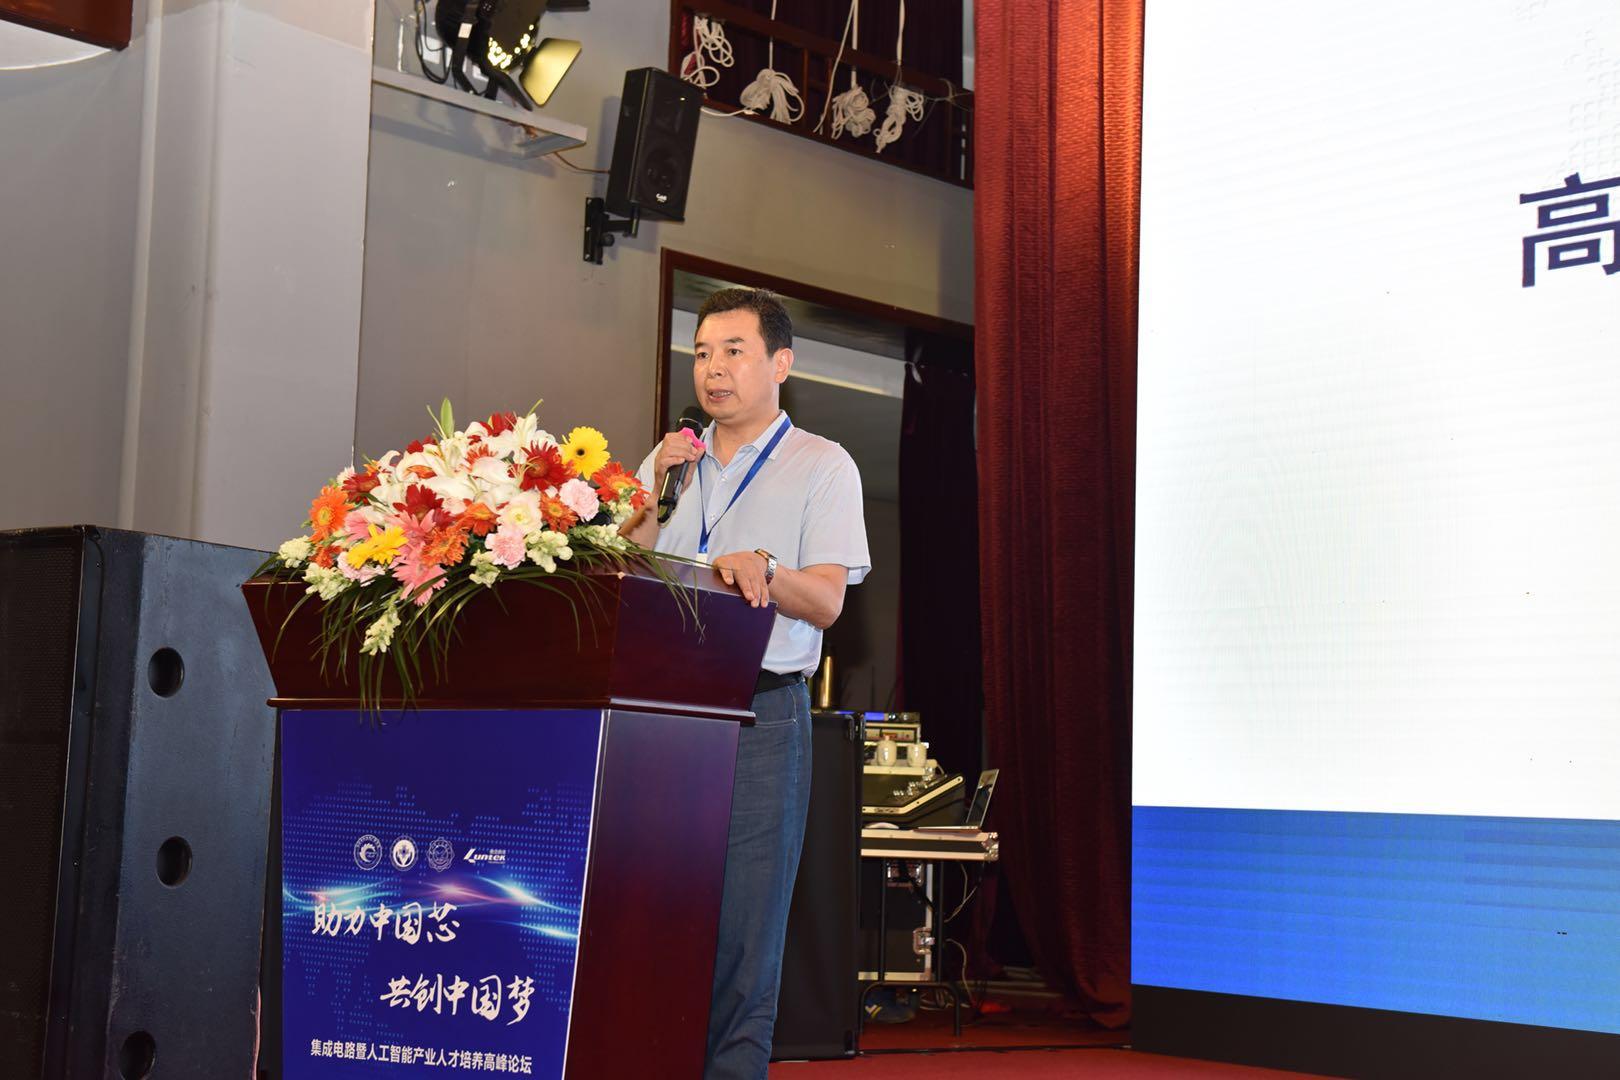 助力中国芯,共创中国梦 —集成电路暨人工智能产业新